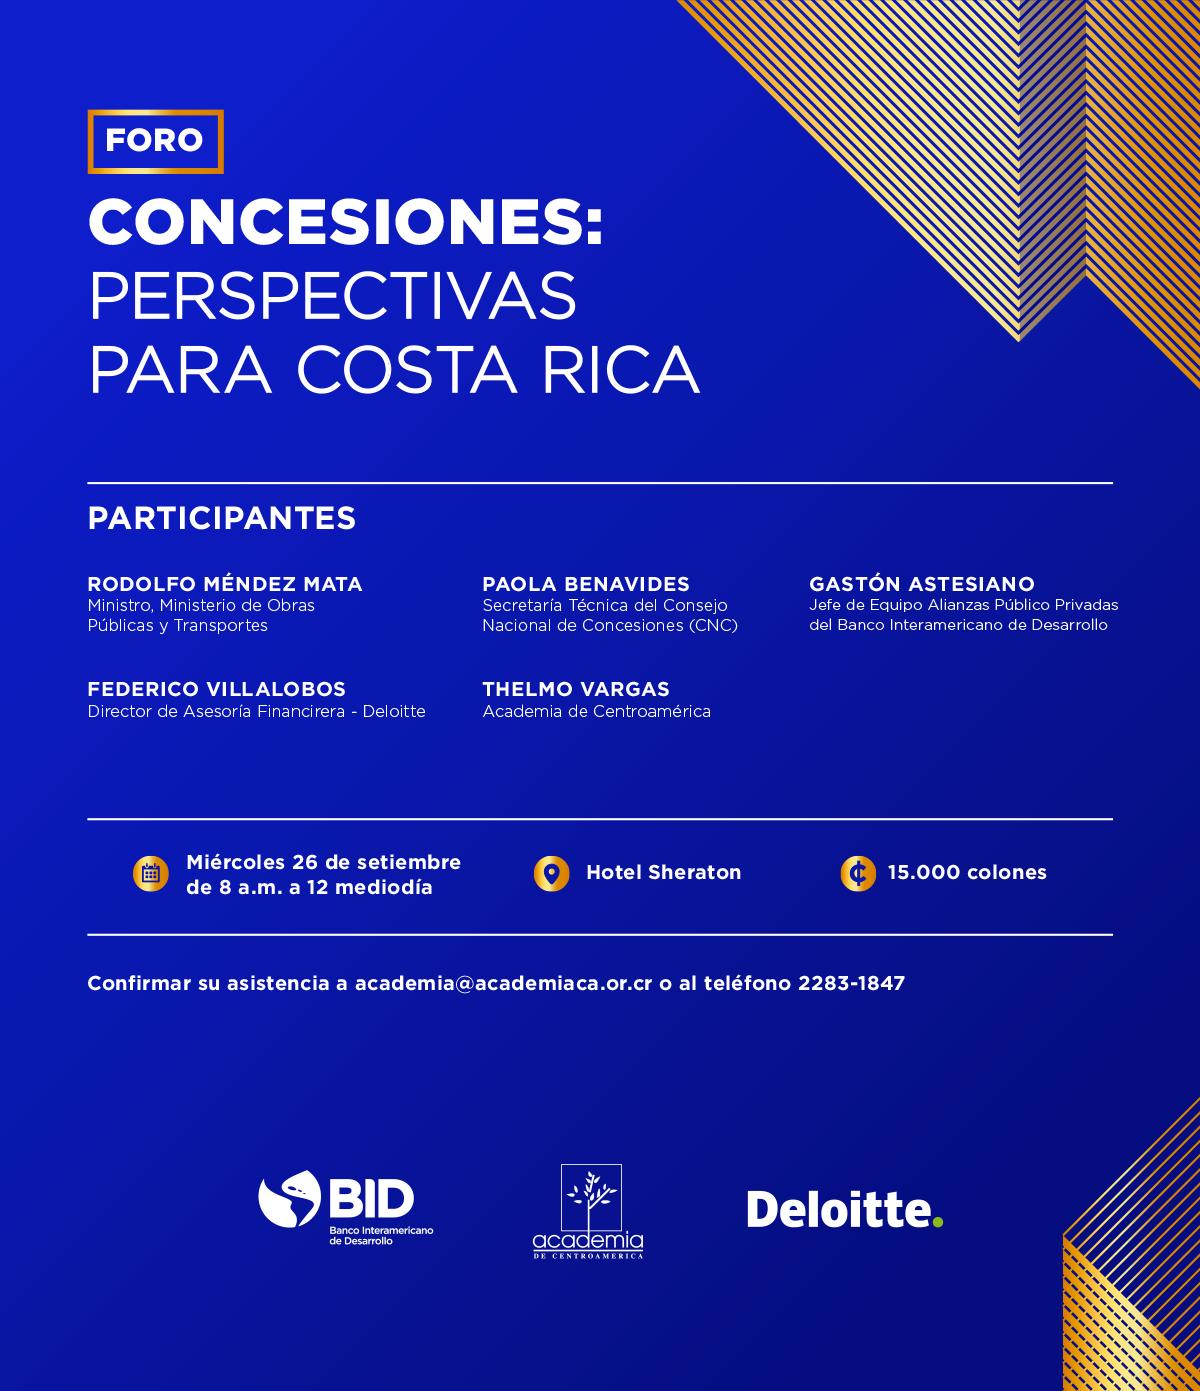 Foro Concesiones: Perspectivas para Costa Rica